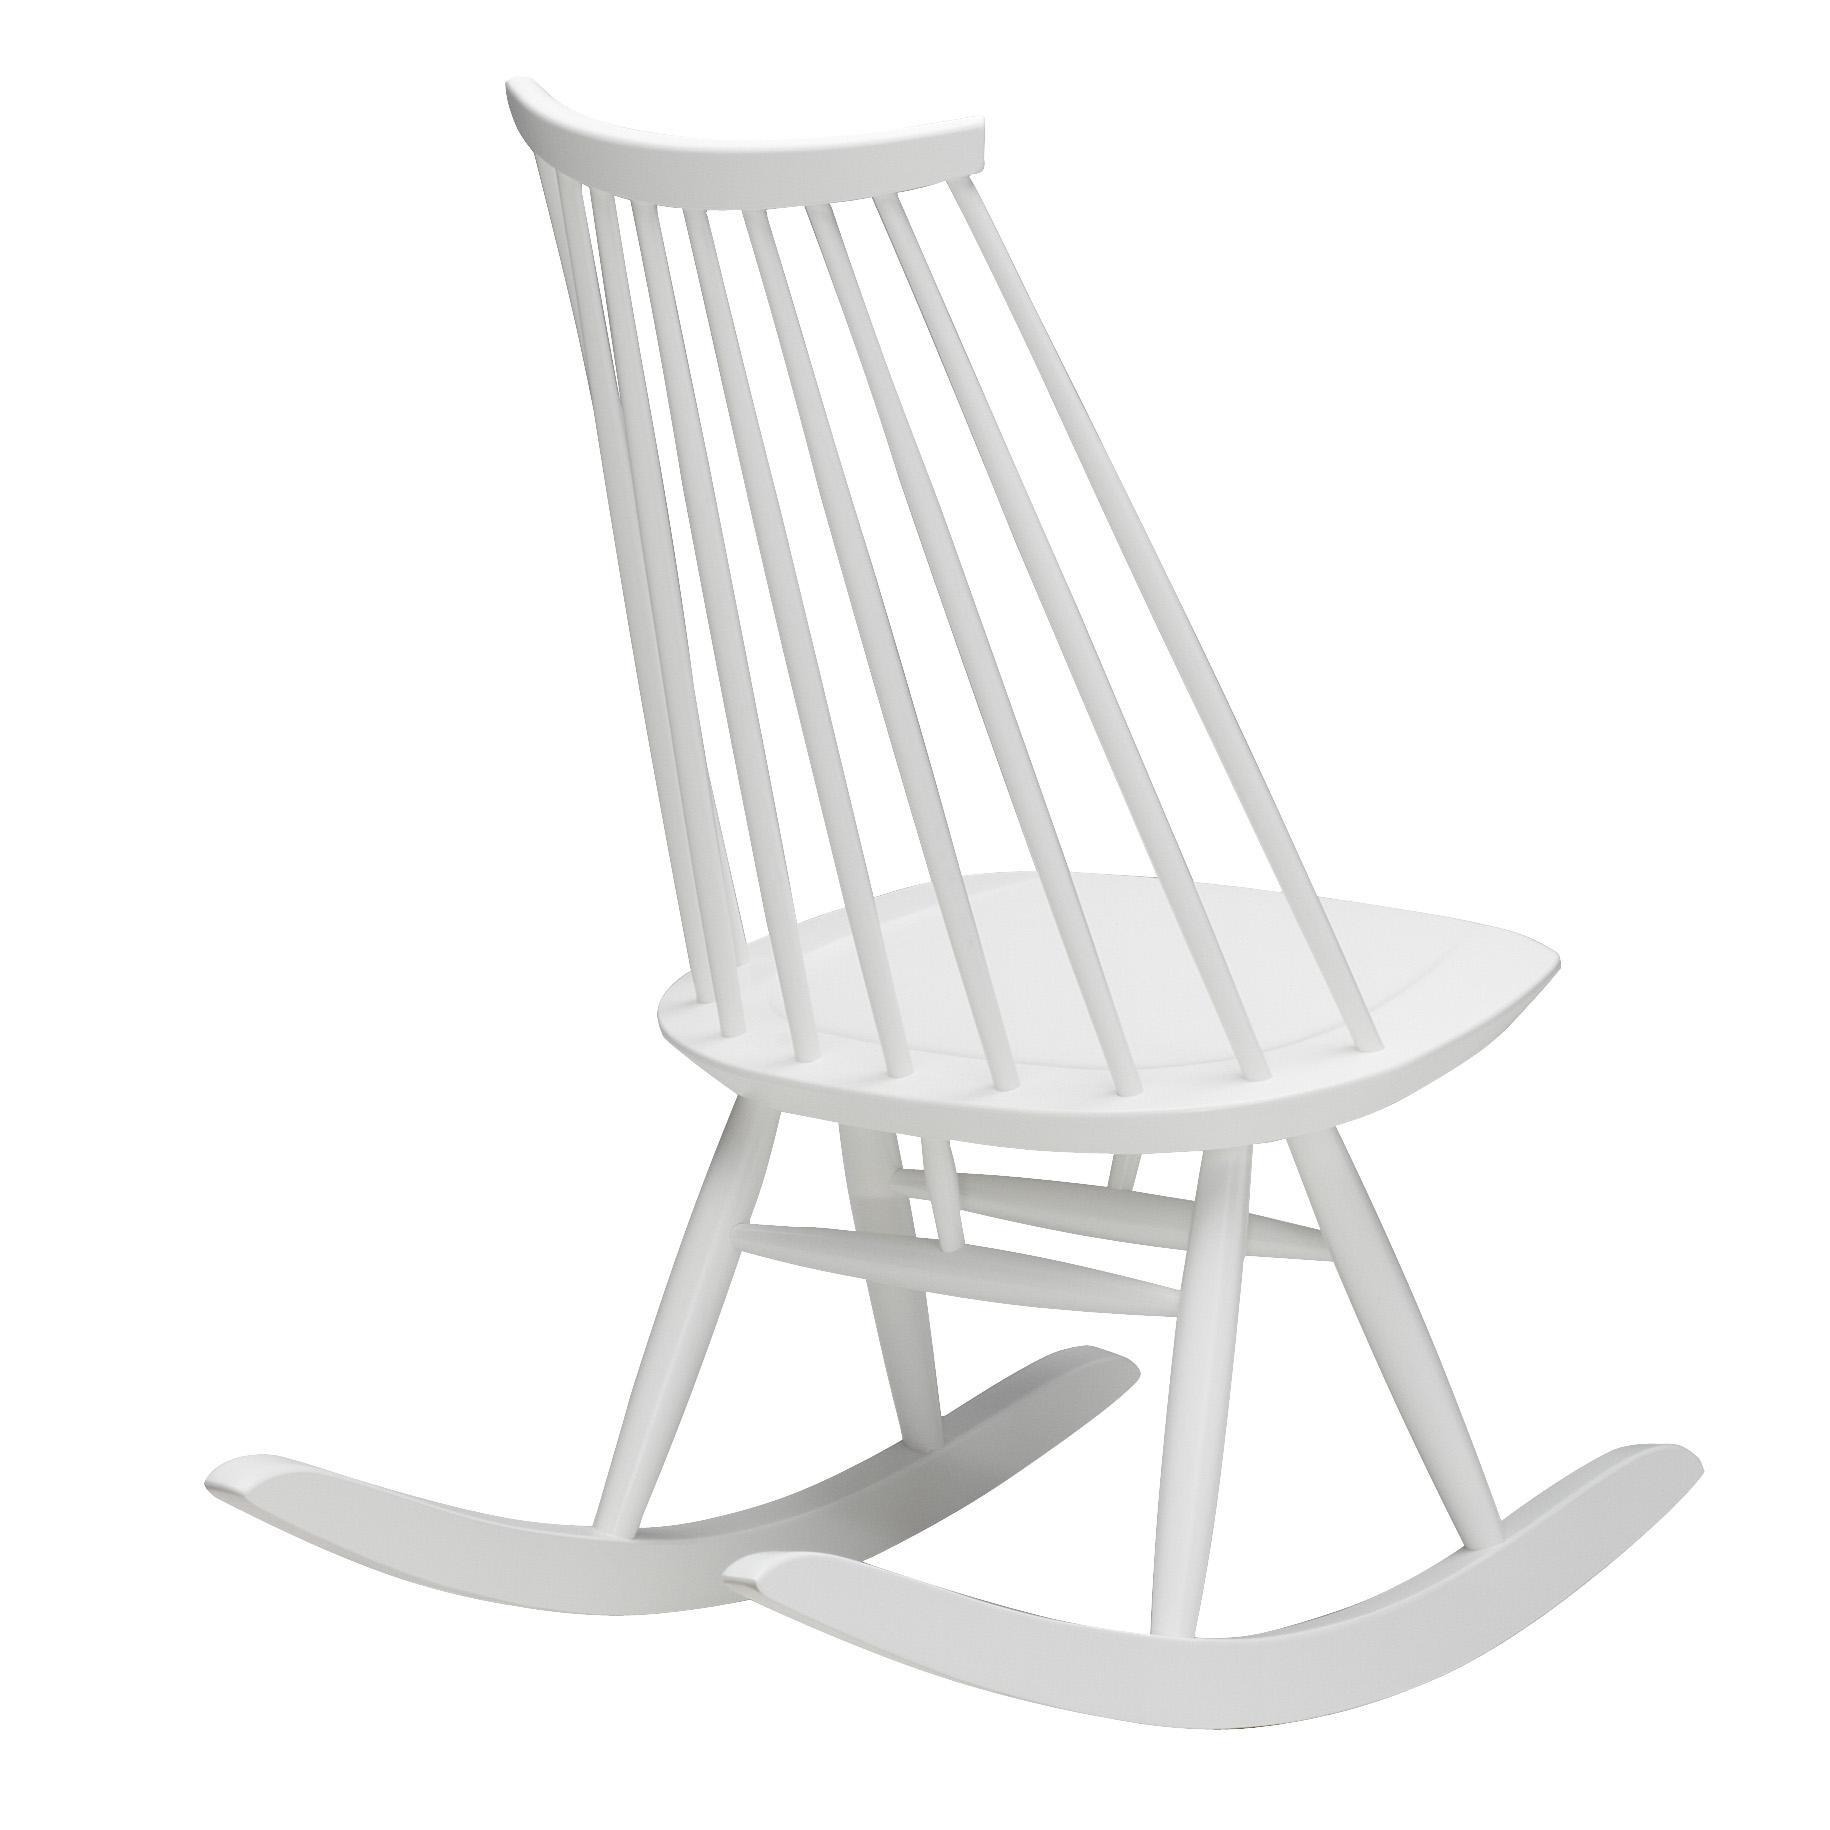 Artek Mademoiselle Rocking Schaukelstuhl - weiß/lackiert   Wohnzimmer > Stüle > Schaukelstühle   Weiß   Birkenholz lackiert oder gebeizt   Artek